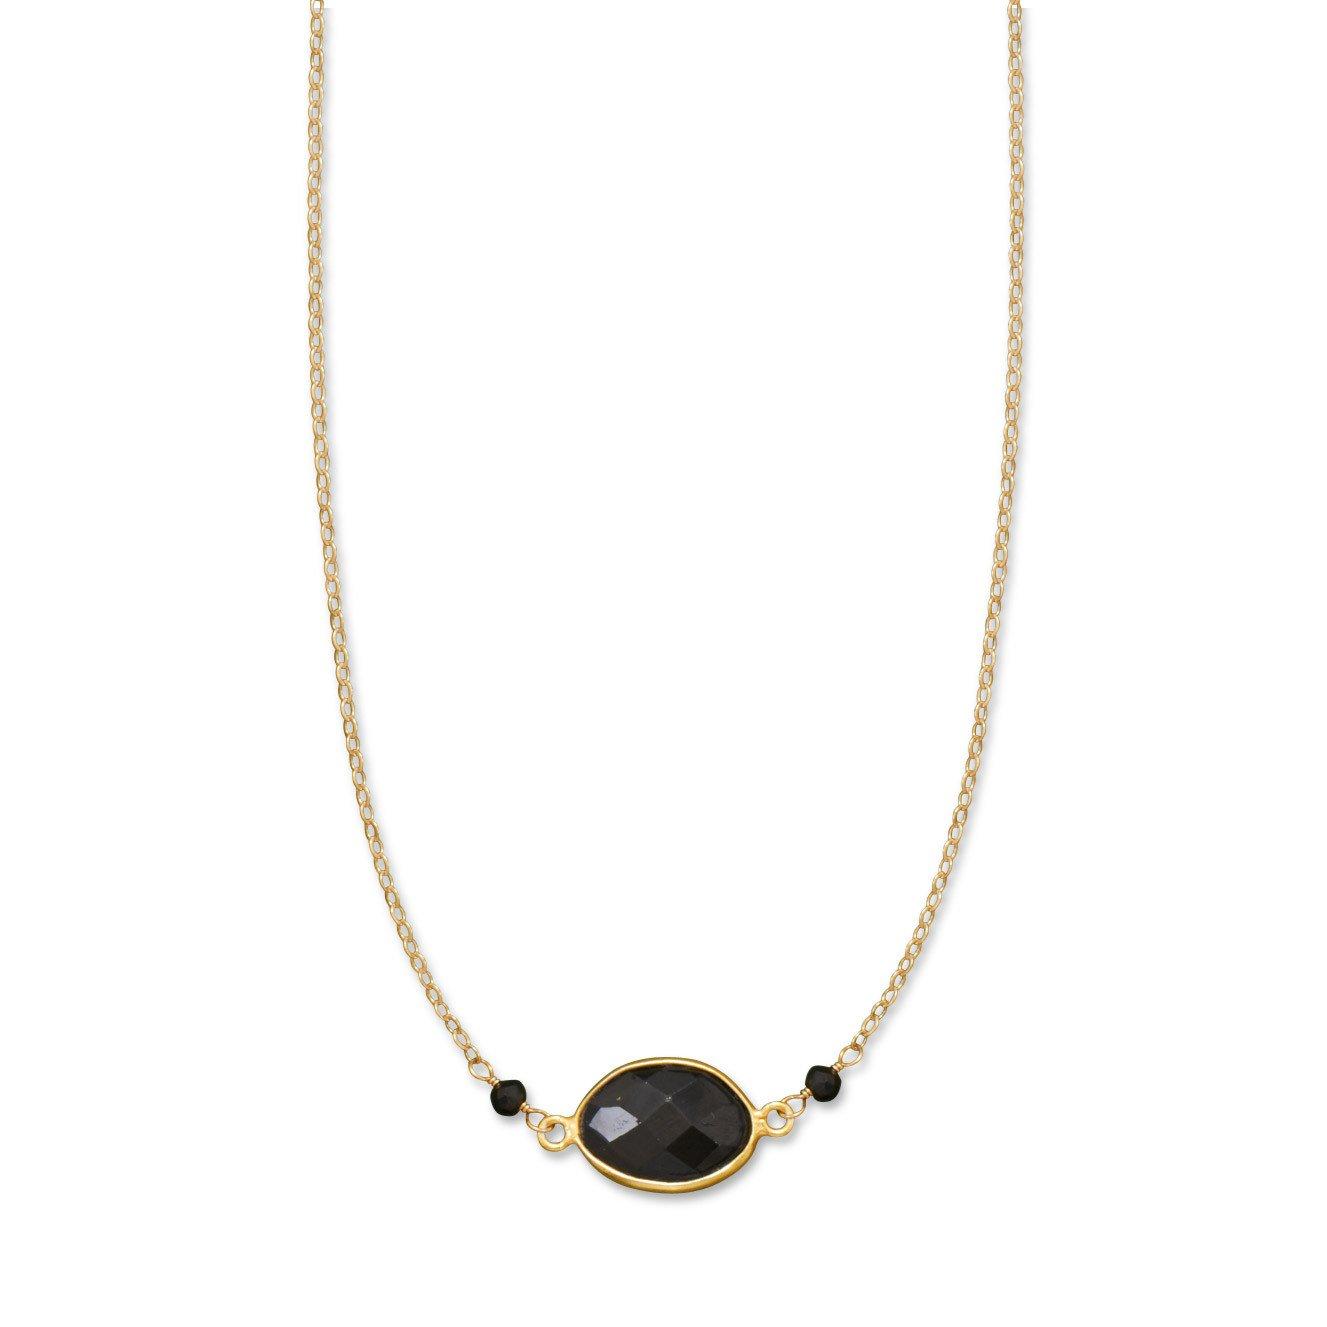 16″ + 1.5″ 14/20 Gold Filled Black Spinel Necklace